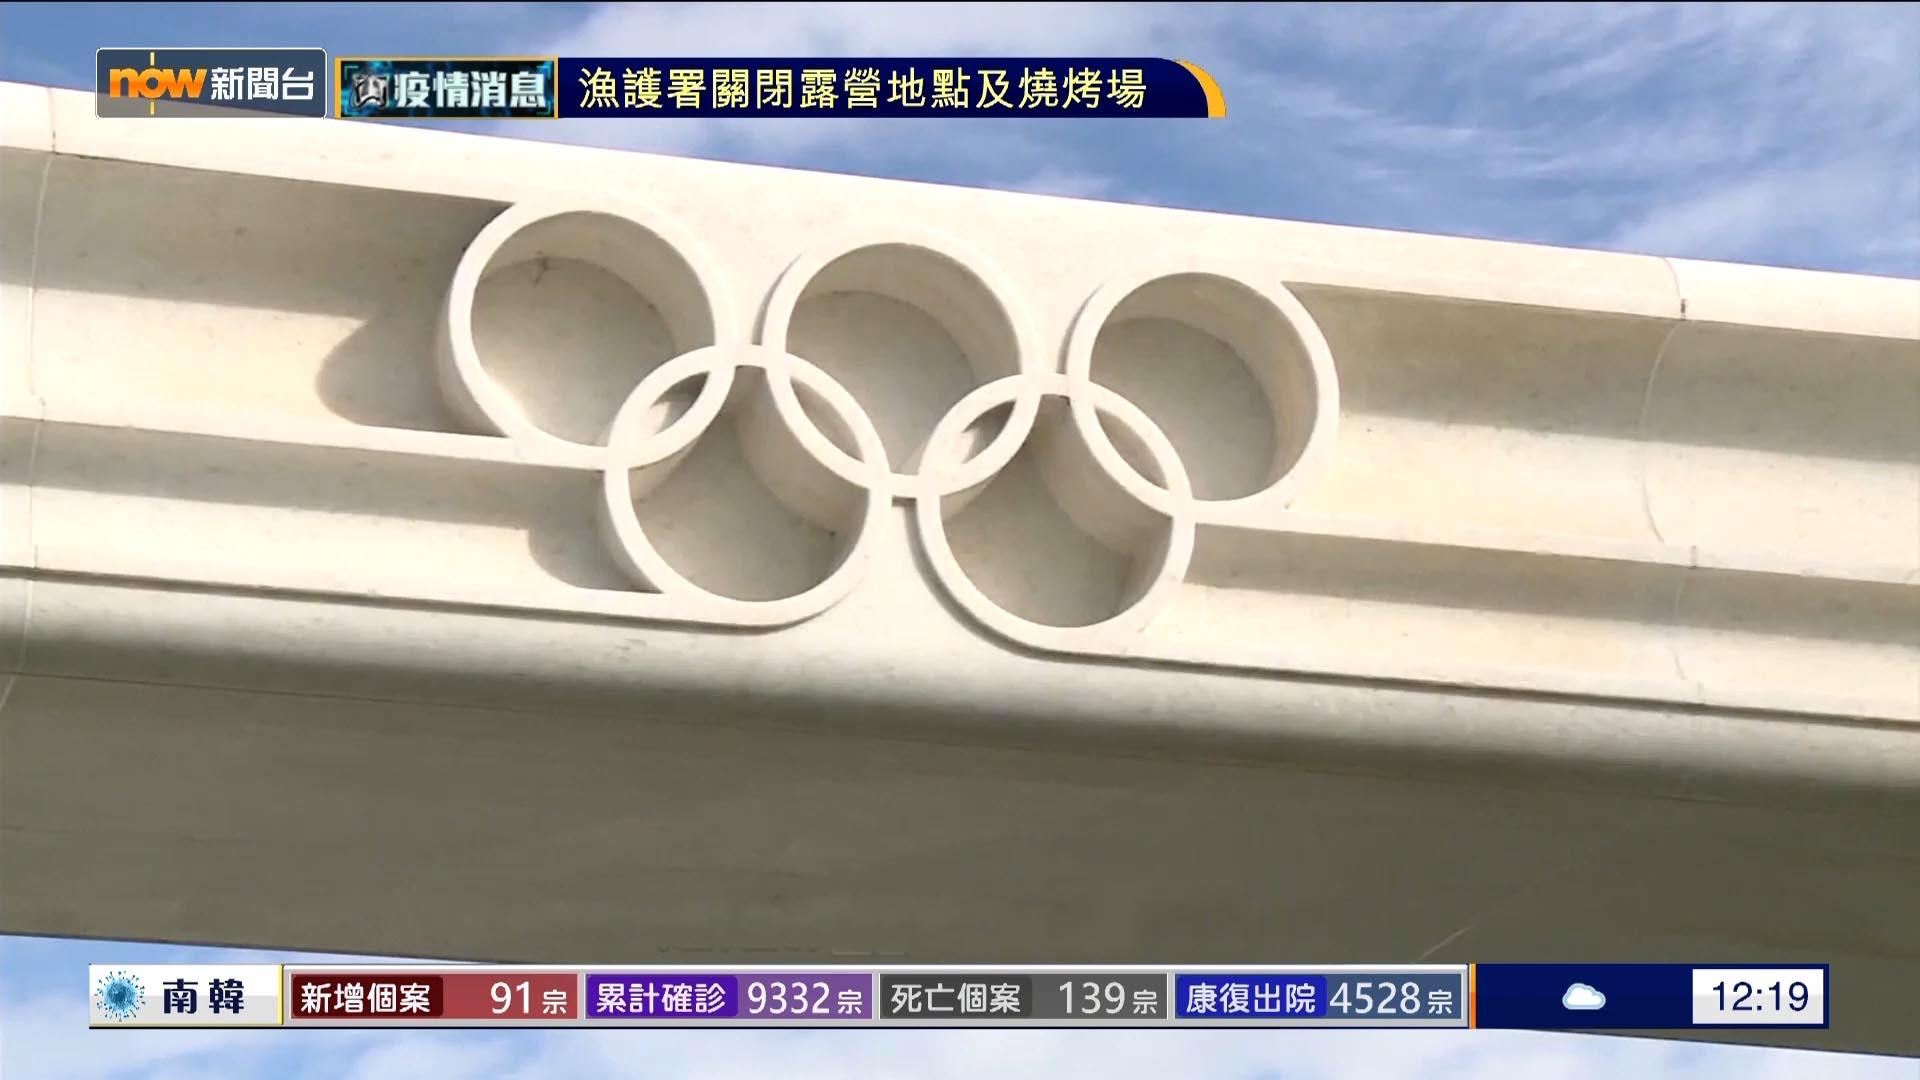 國際田徑聯會:東京奧運落實運動員參賽席位可保留